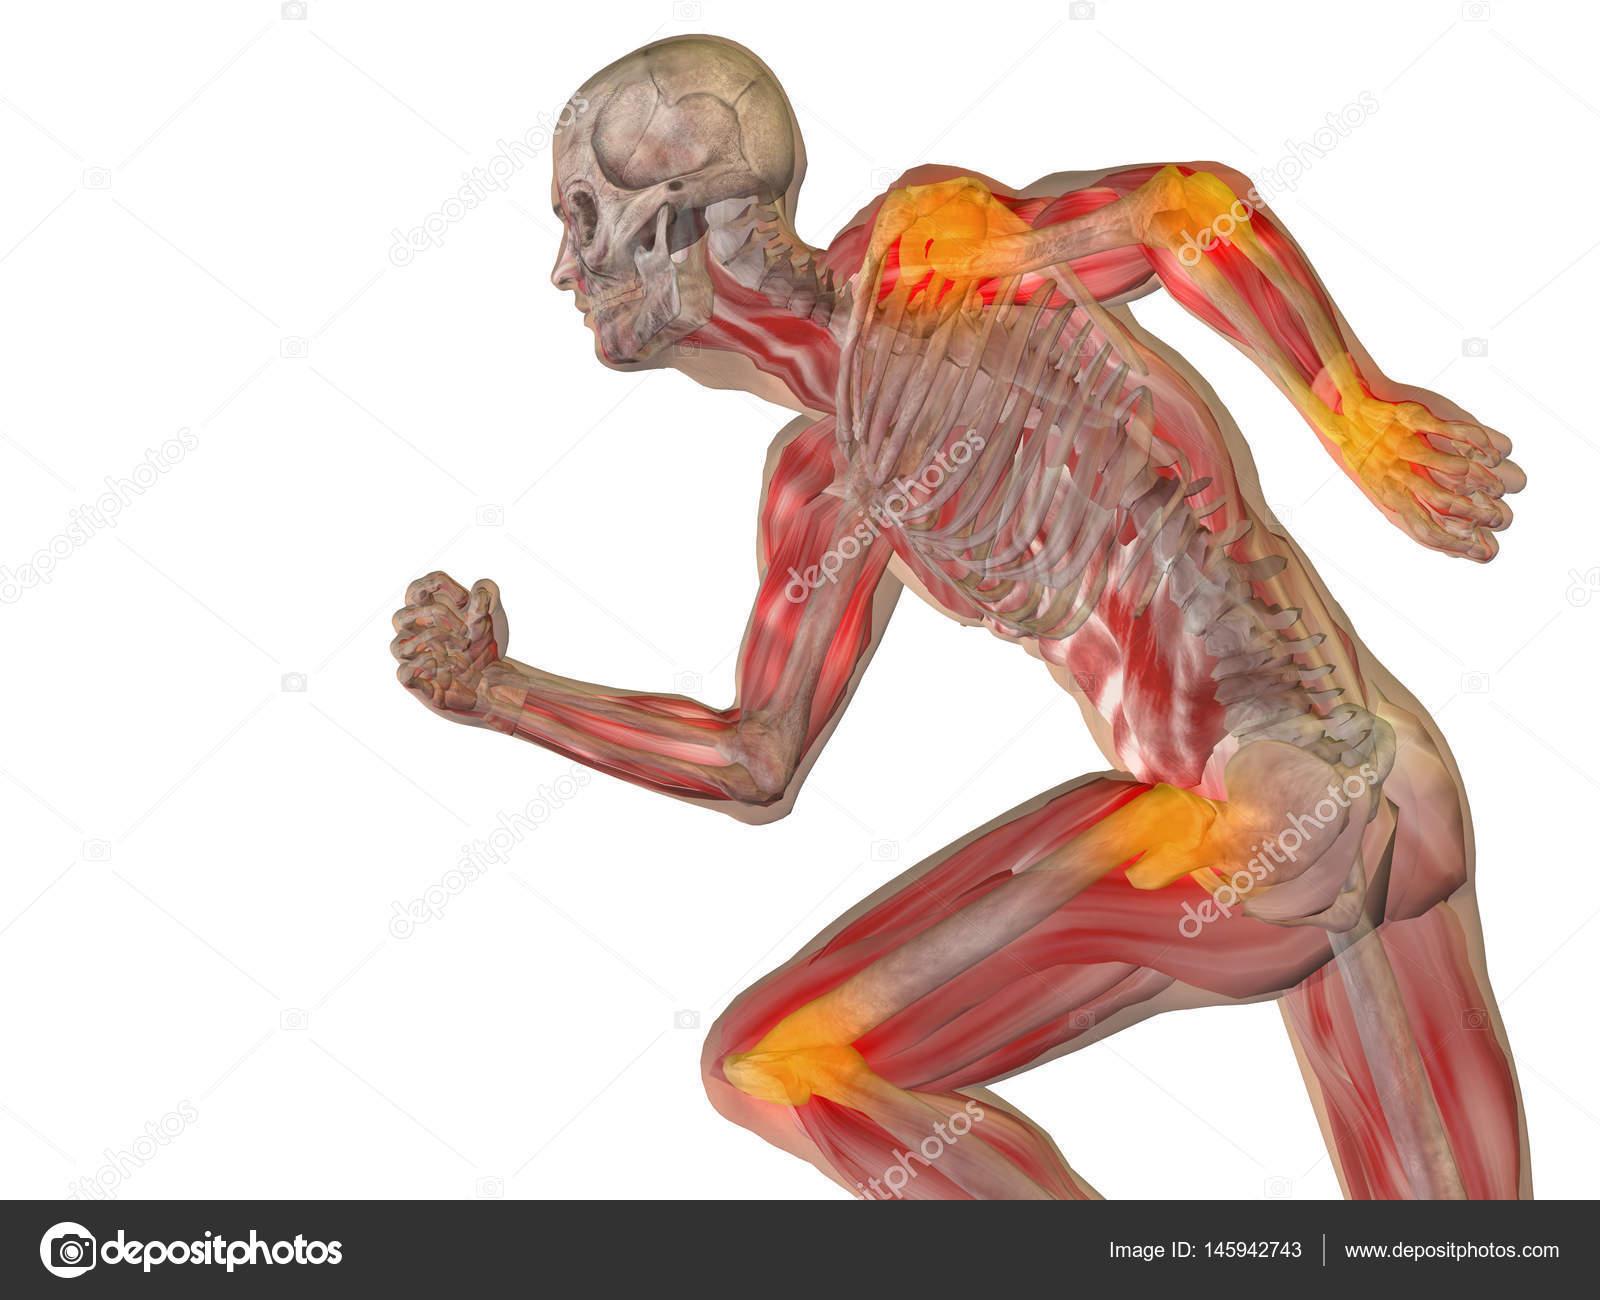 menschliche Anatomie Modell — Stockfoto © design36 #145942743